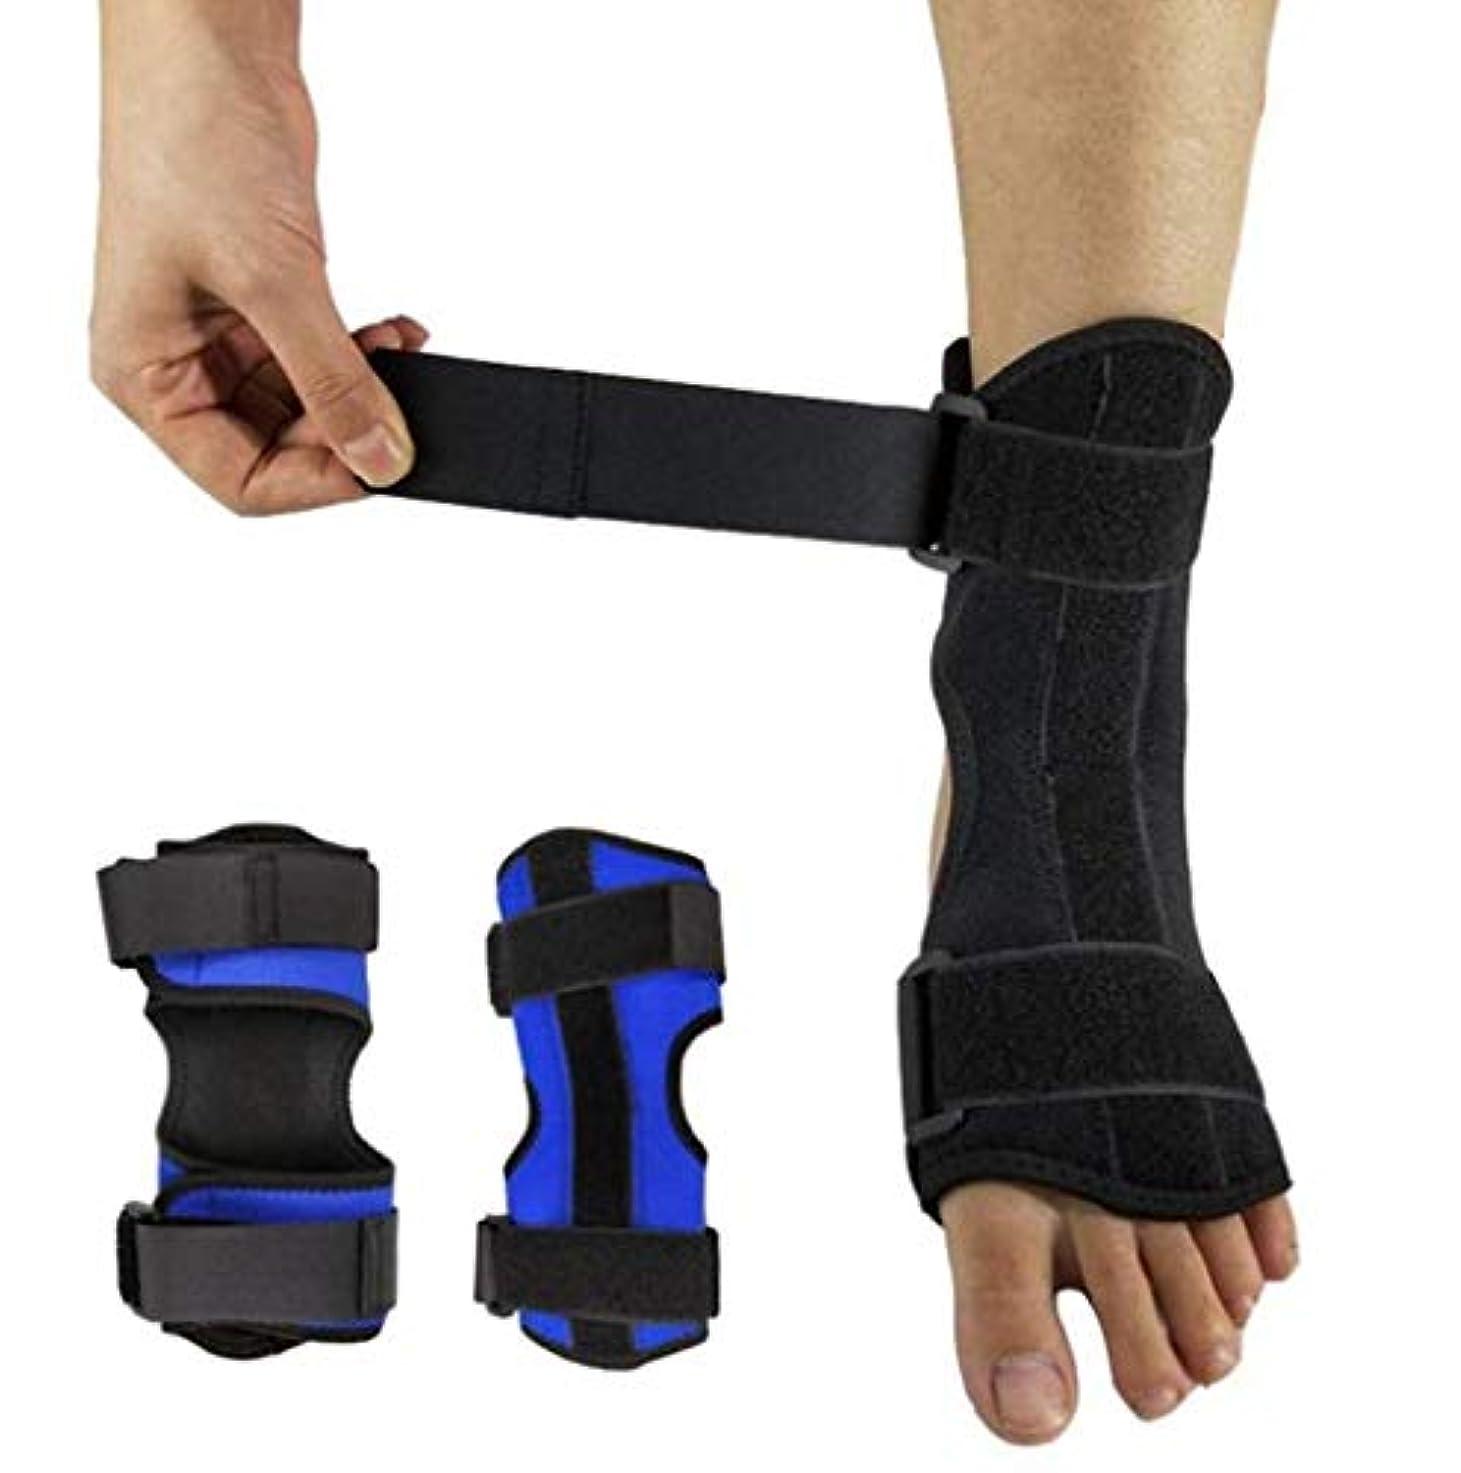 推測するマイルドインディカドロップフット–ドロップフット、神経損傷、足の位置、圧力緩和、足首と足の装具のサポート